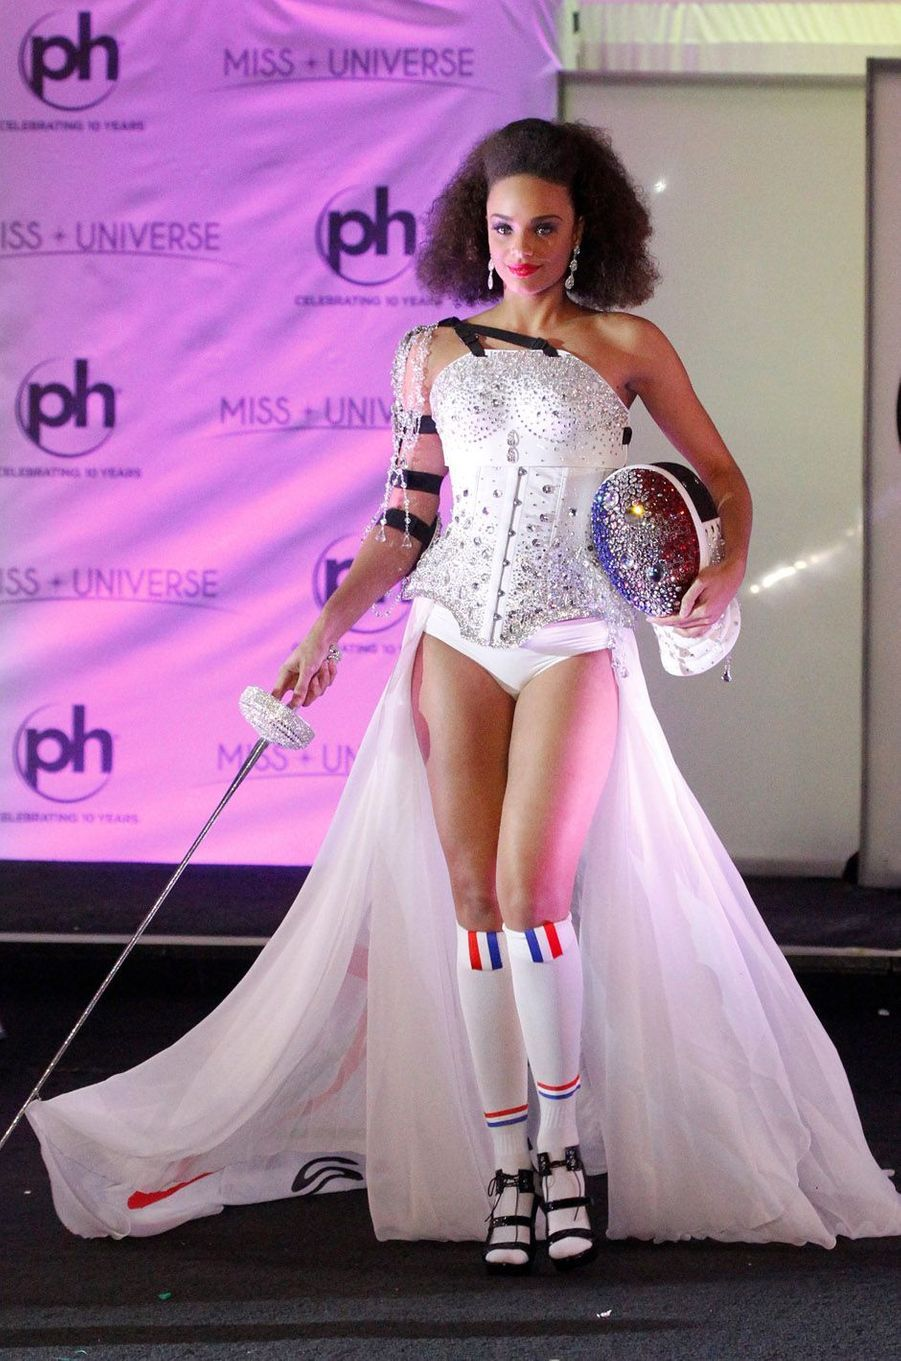 Alicia Aylies habillée en costume national pour le concours Miss Univers, le 18 novembre 2017 à Las Vegas.